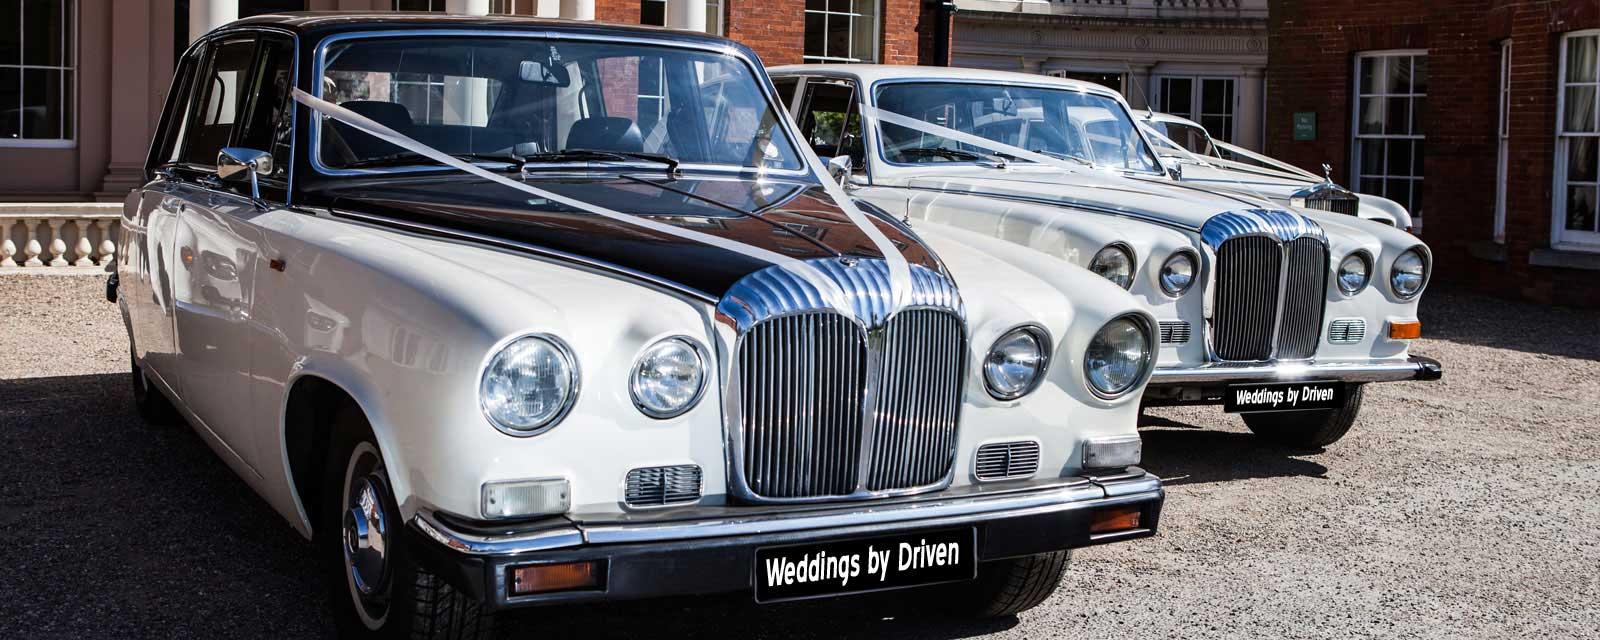 Black-Ivory-Daimler-1